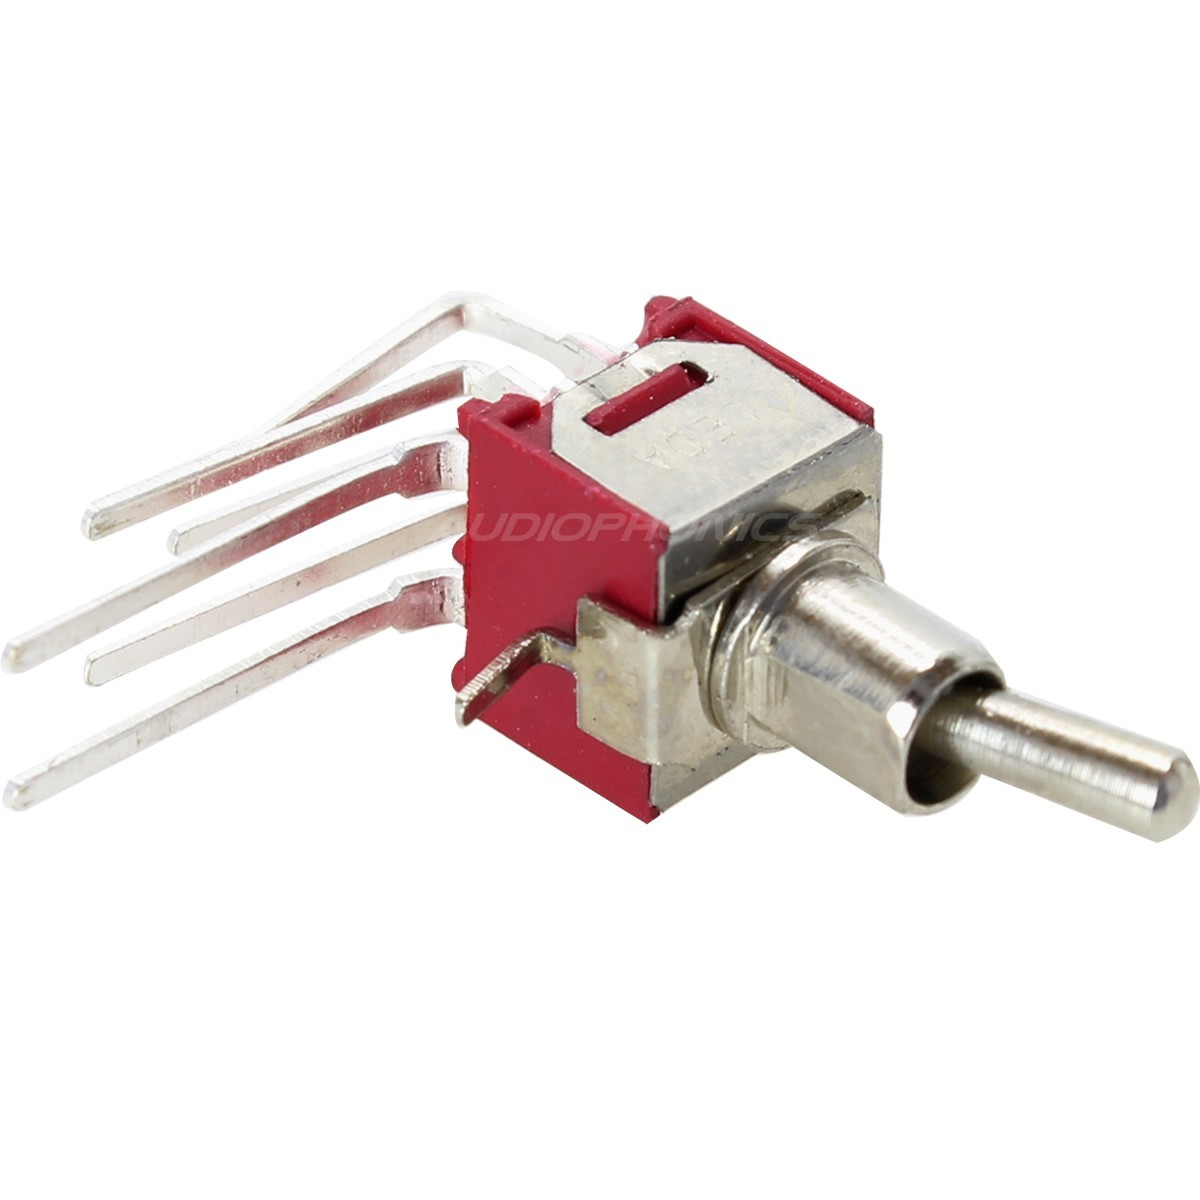 Interrupteur à bascule 2 pôles 2 positions 250V 1.5A